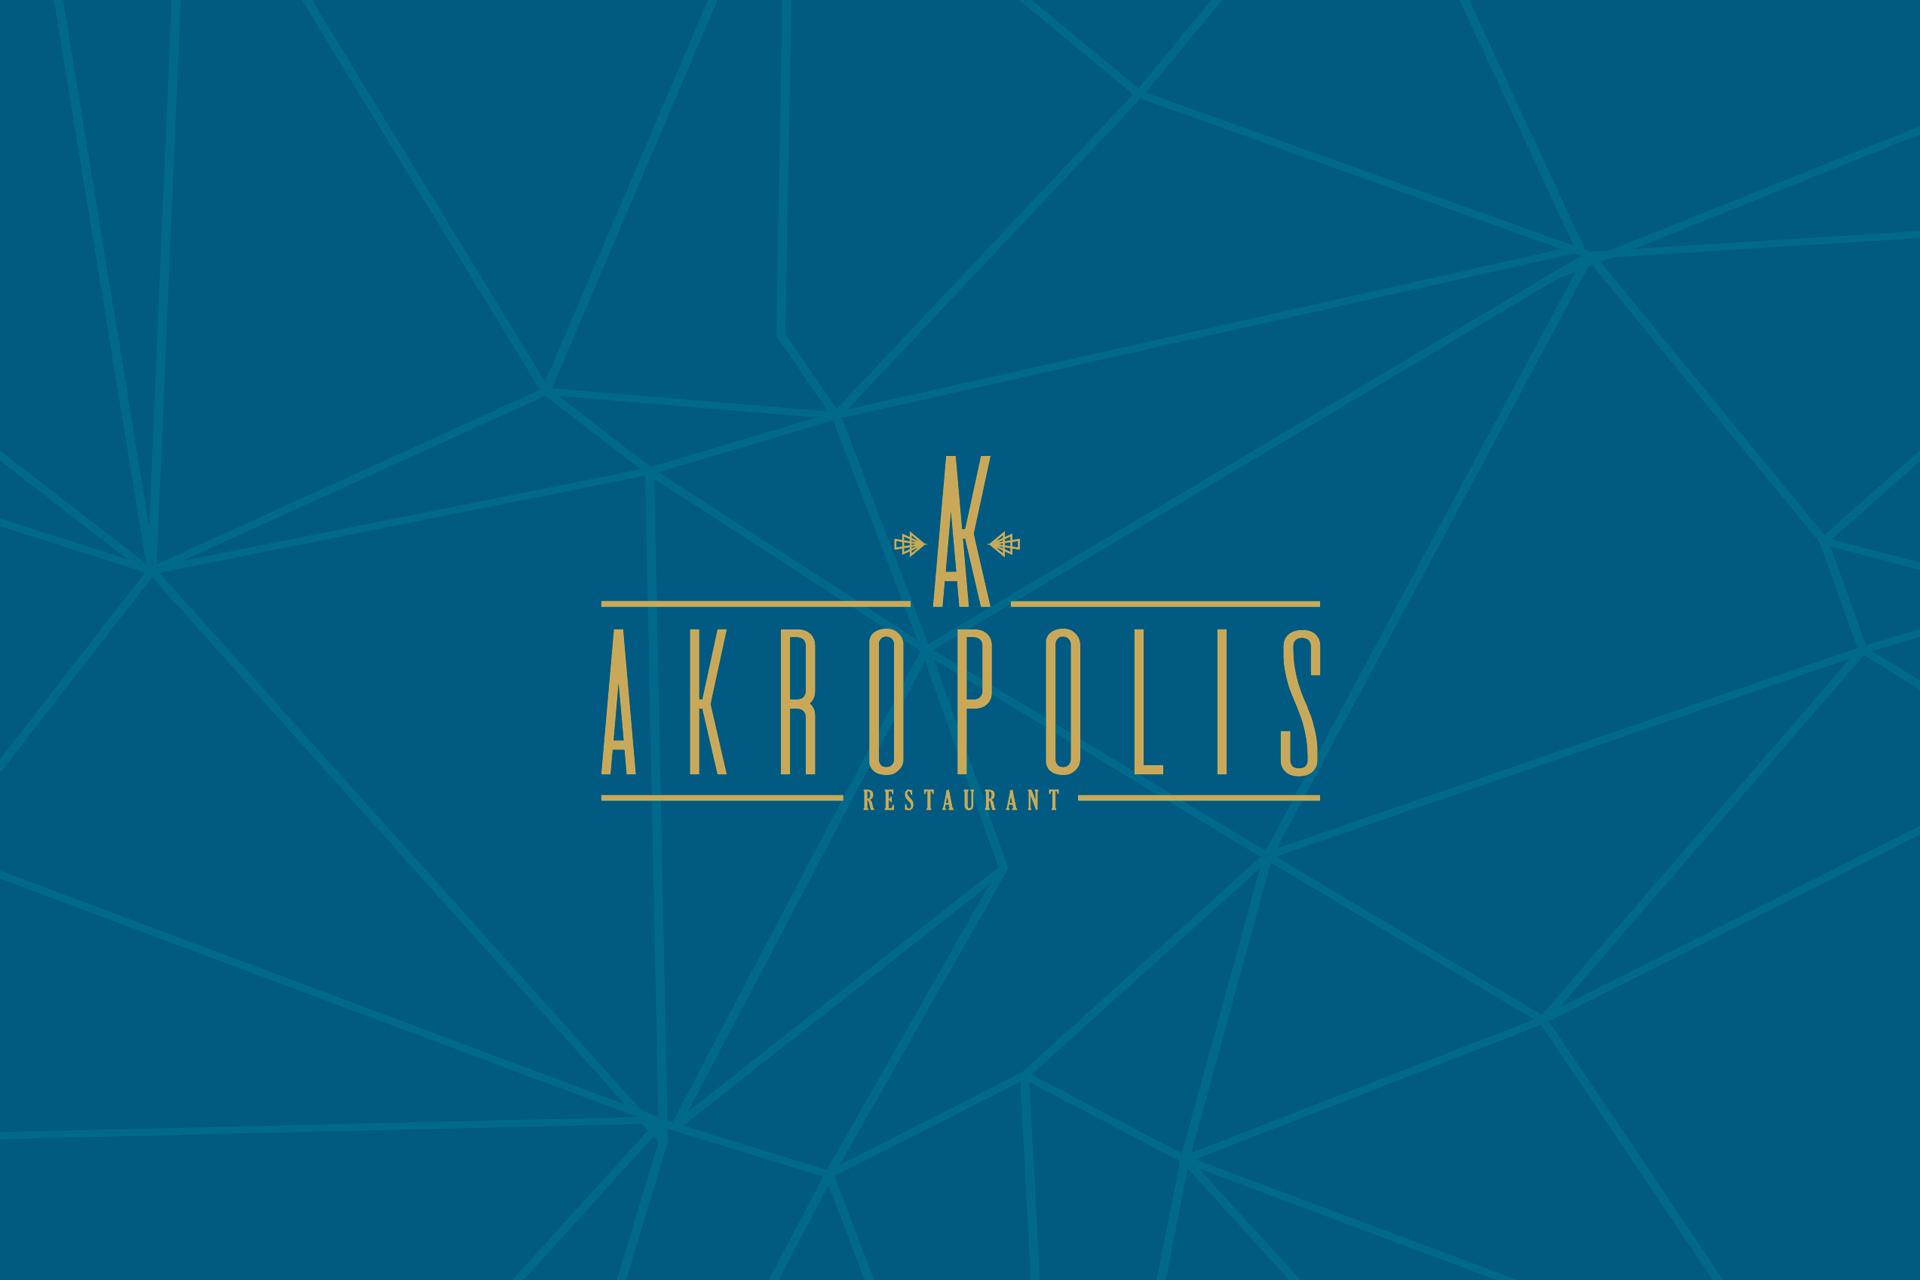 akropolis-logo